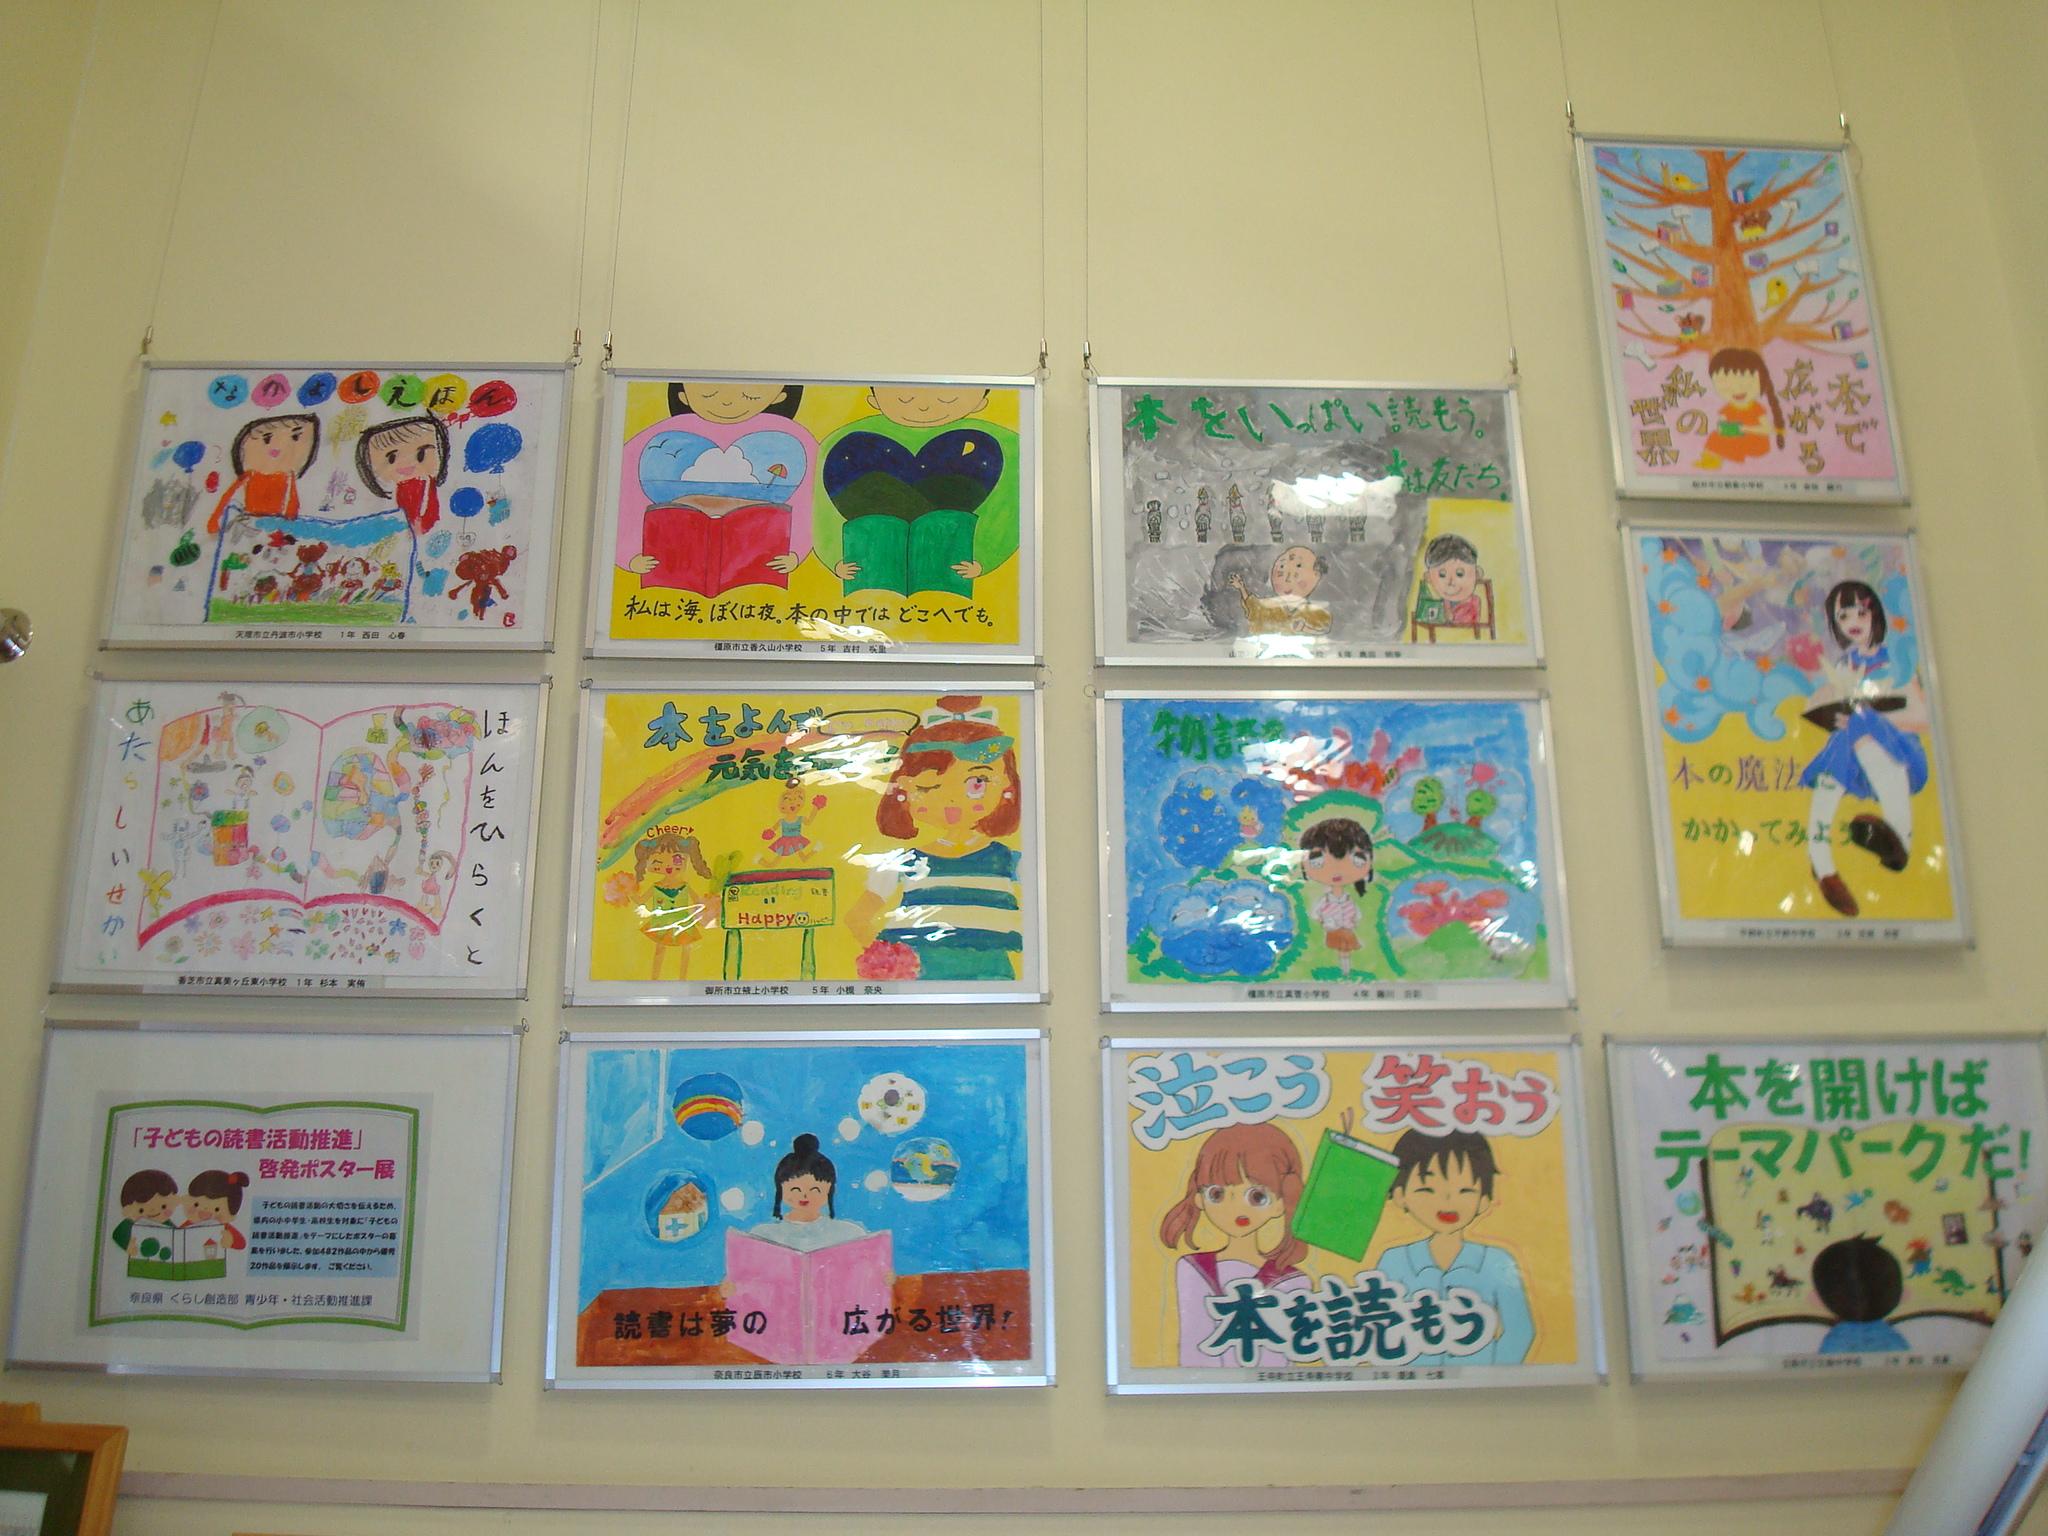 奈良県「子どもの読書活動推進」啓発ポスター展 開催!